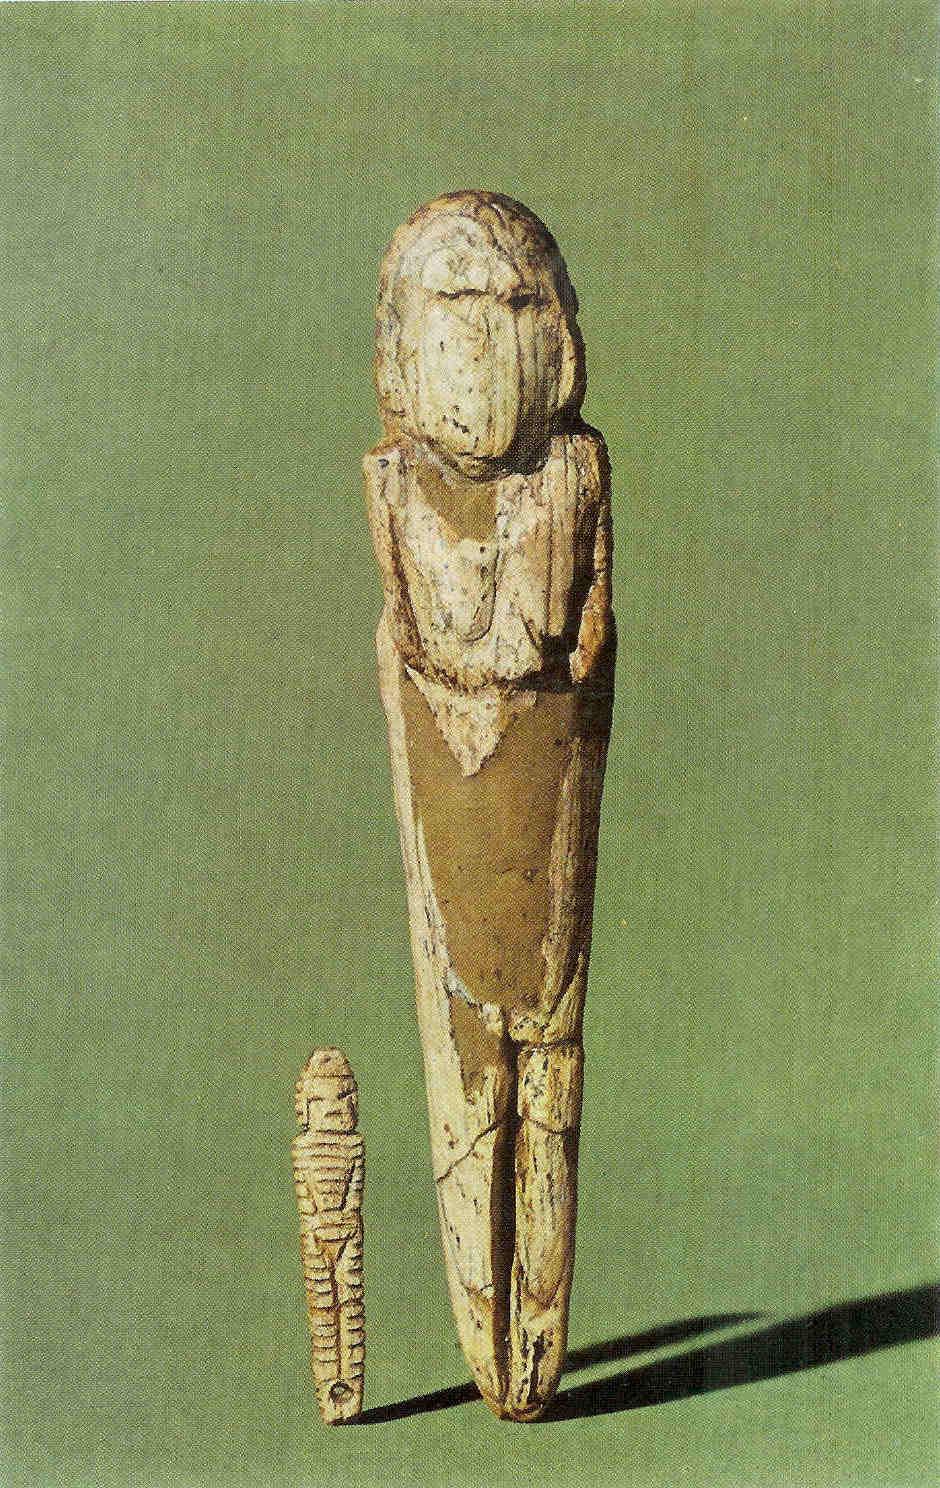 Vrouwelijke 'Statuetten' uit Mal'ta. Van mammoettand. Het grootste rechterbeeldje meet 13.6 cm. en het kleinste linkerbeeldje 4.1 cm. 20.000 v. Chr. Tussen 1929 en 1930 gevonden door M.M. Gerasimov in de buurt van Irkoutsk. Thans in het Hermitage Museum in St. Petersburg.